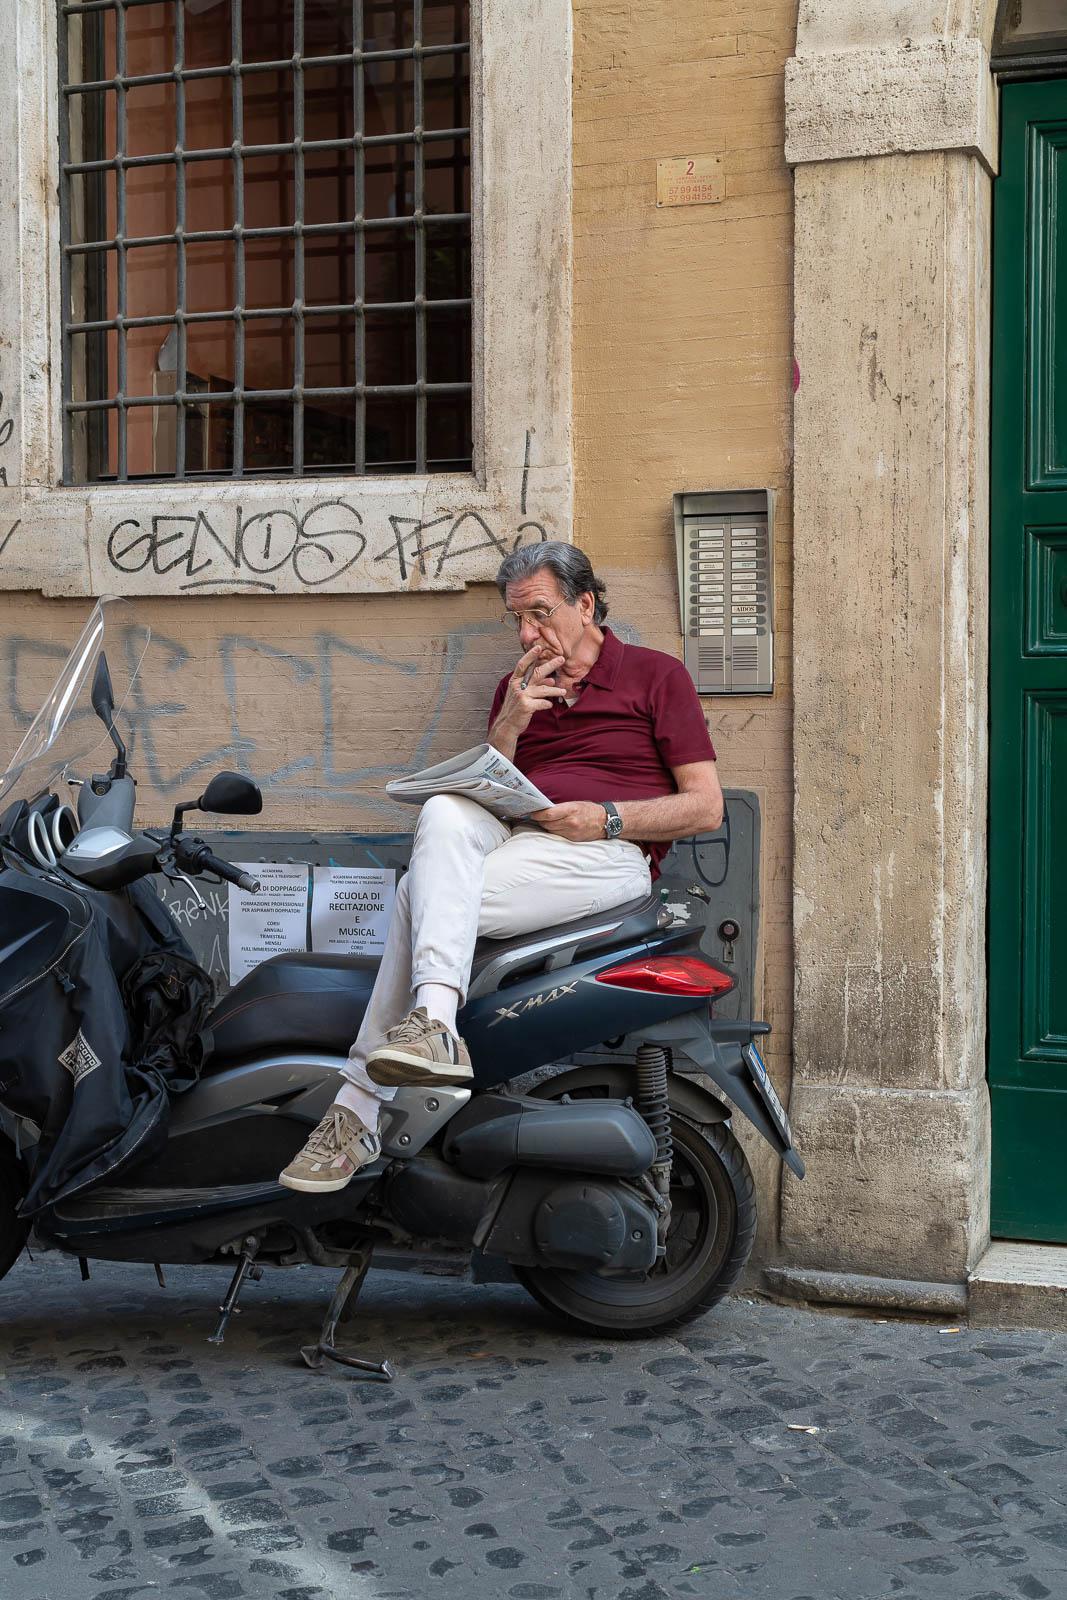 Roma_via dei Giubbonari-5558.JPG